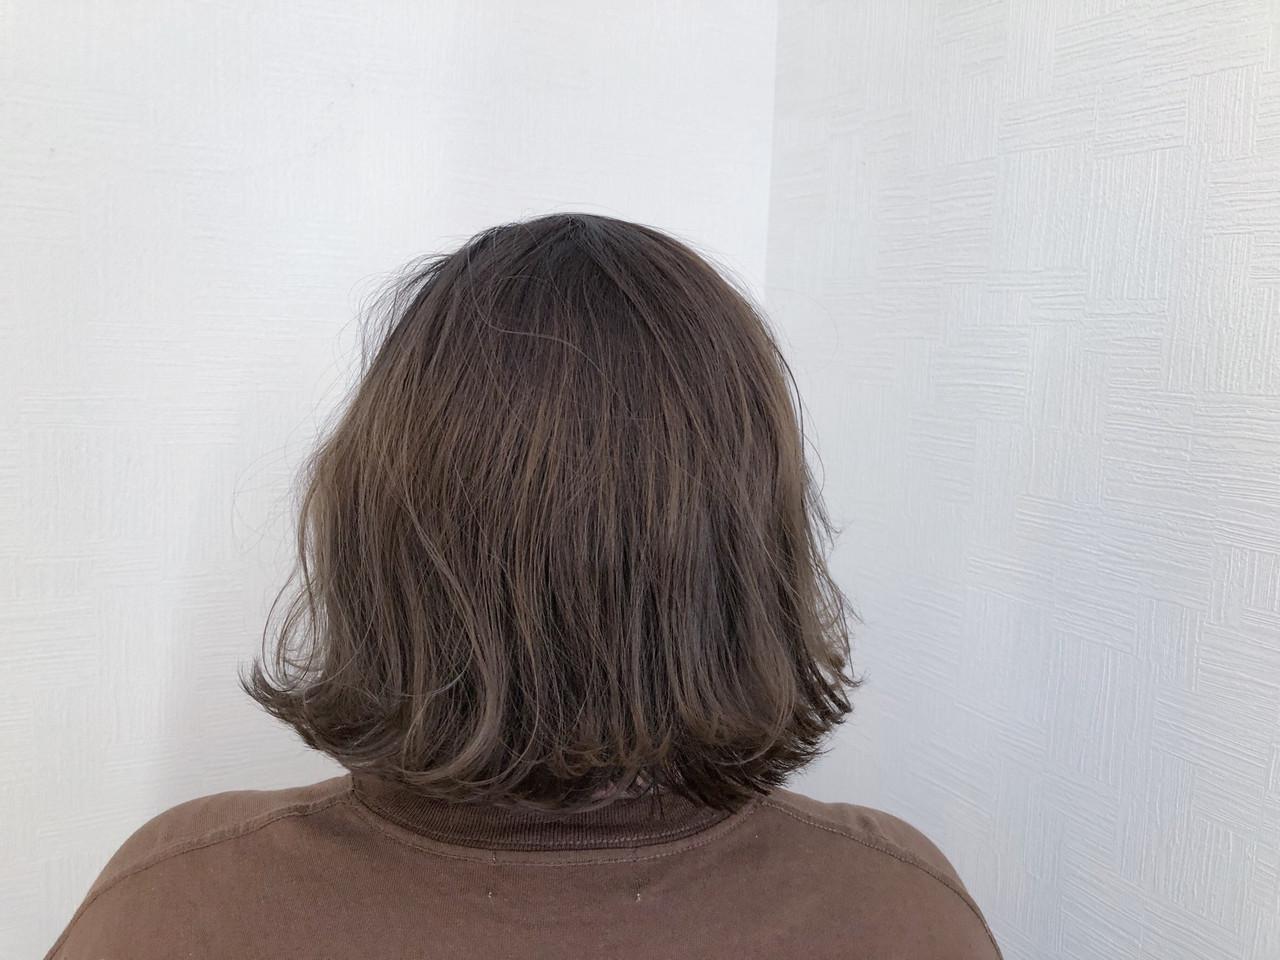 ナチュラル 簡単ヘアアレンジ スモーキーカラー 切りっぱなしボブ ヘアスタイルや髪型の写真・画像 | 牧 優子 / agu HAIR cyan